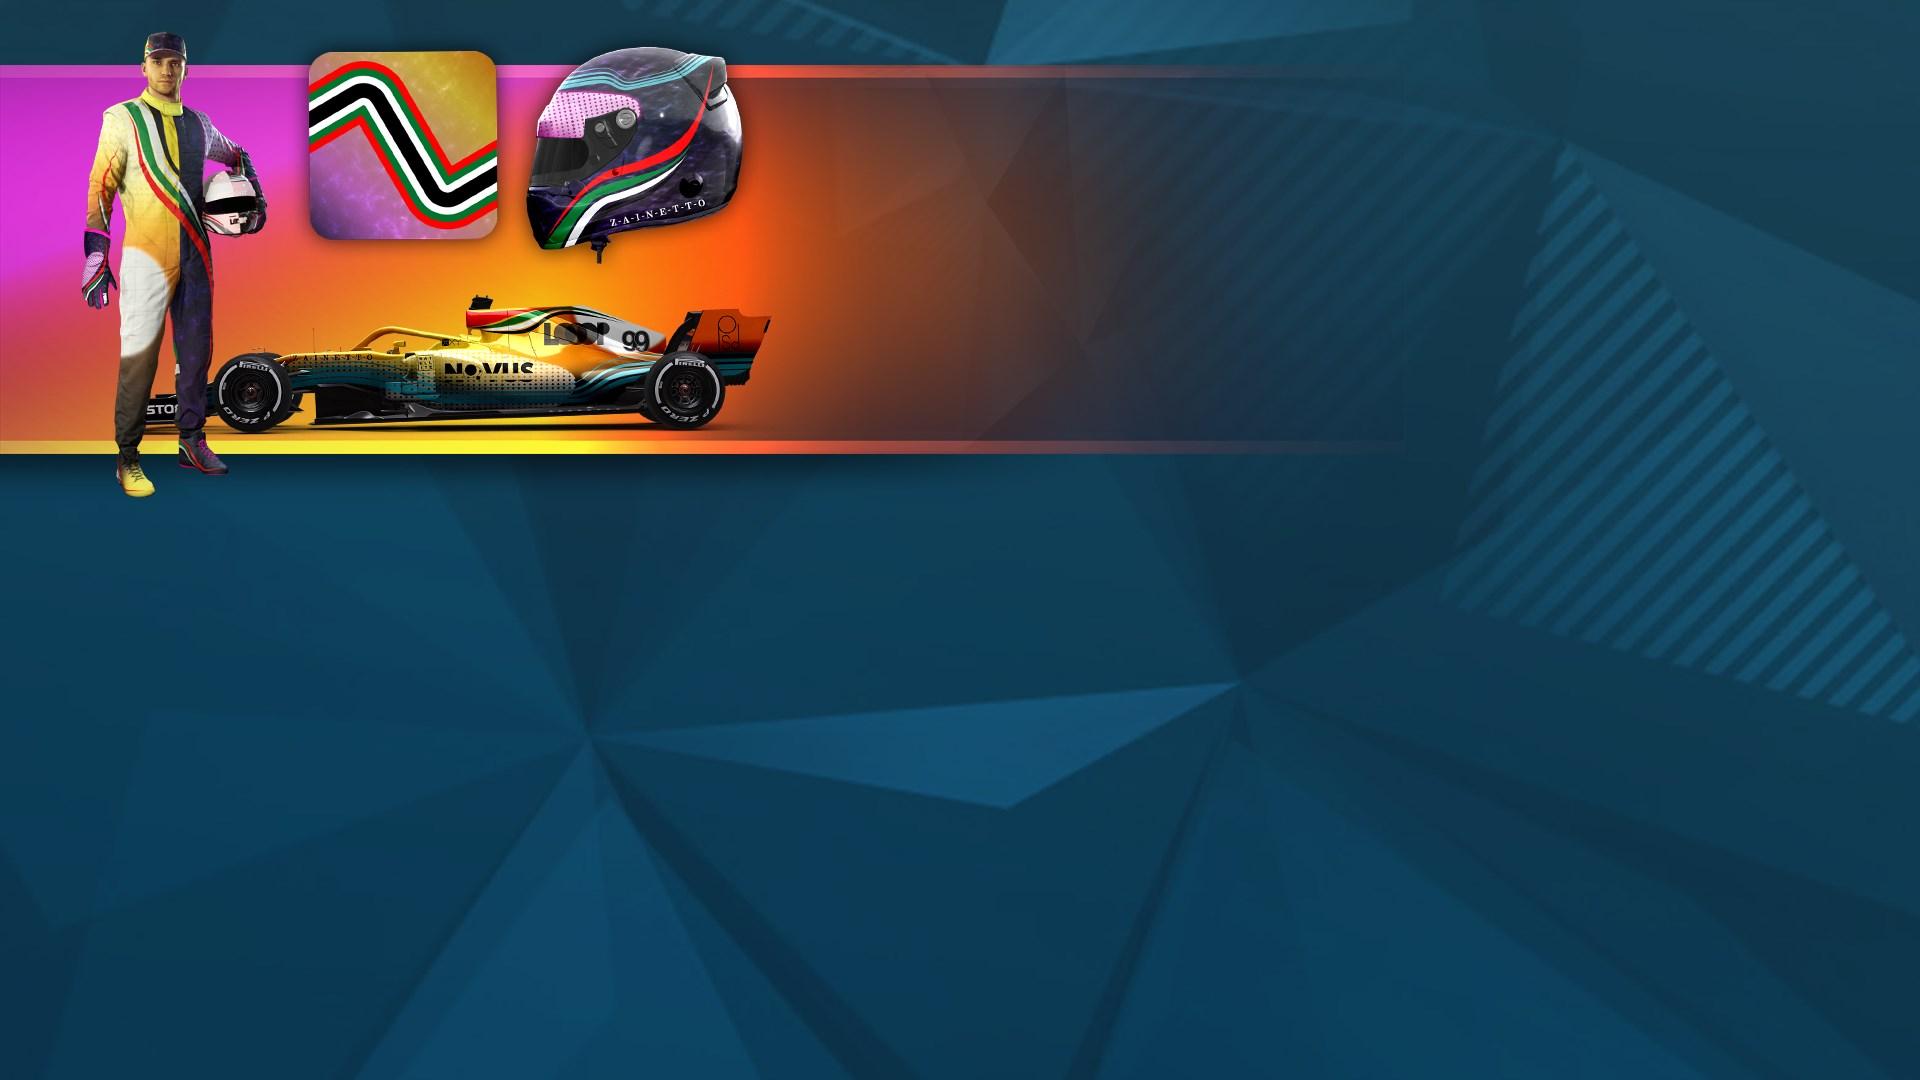 F1 2019 - Abu Dhabi Grand Prix Pack